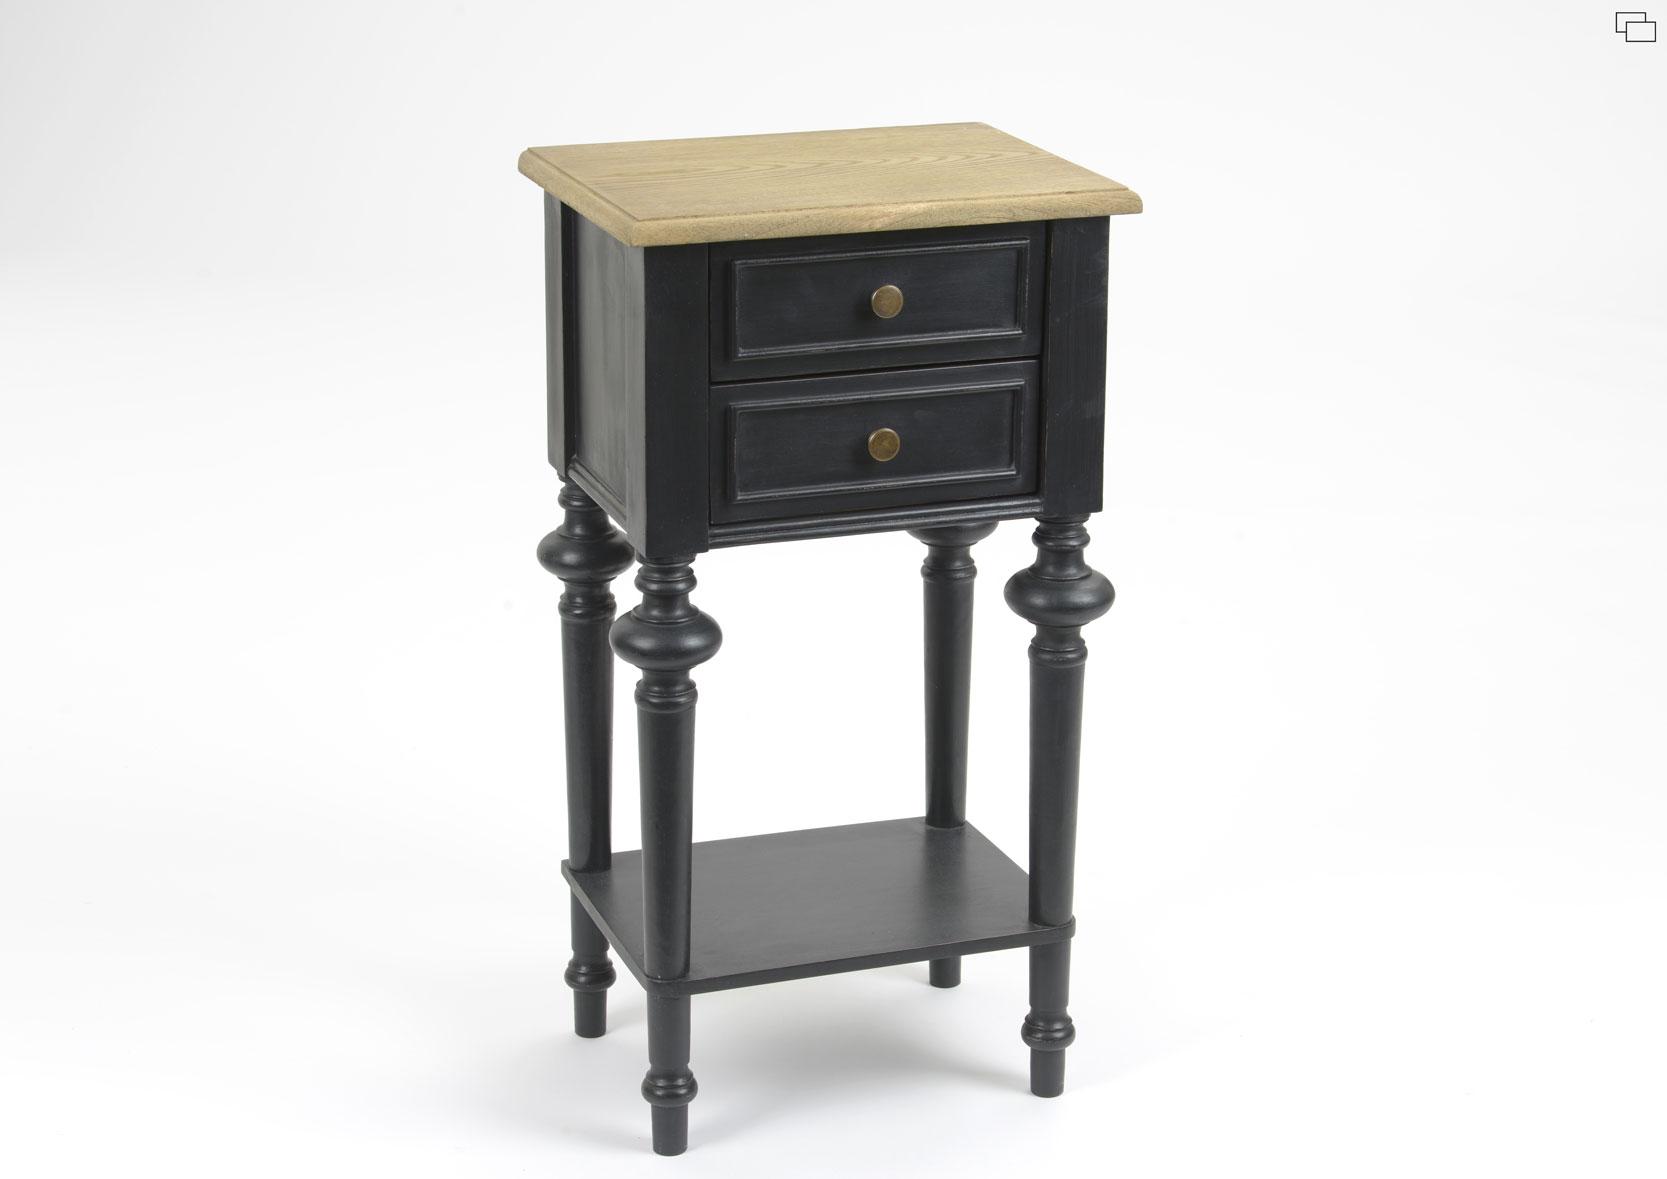 table t l phone new l gende amadeus 107986 10 magasin de meubles deco orl ans esprit d. Black Bedroom Furniture Sets. Home Design Ideas